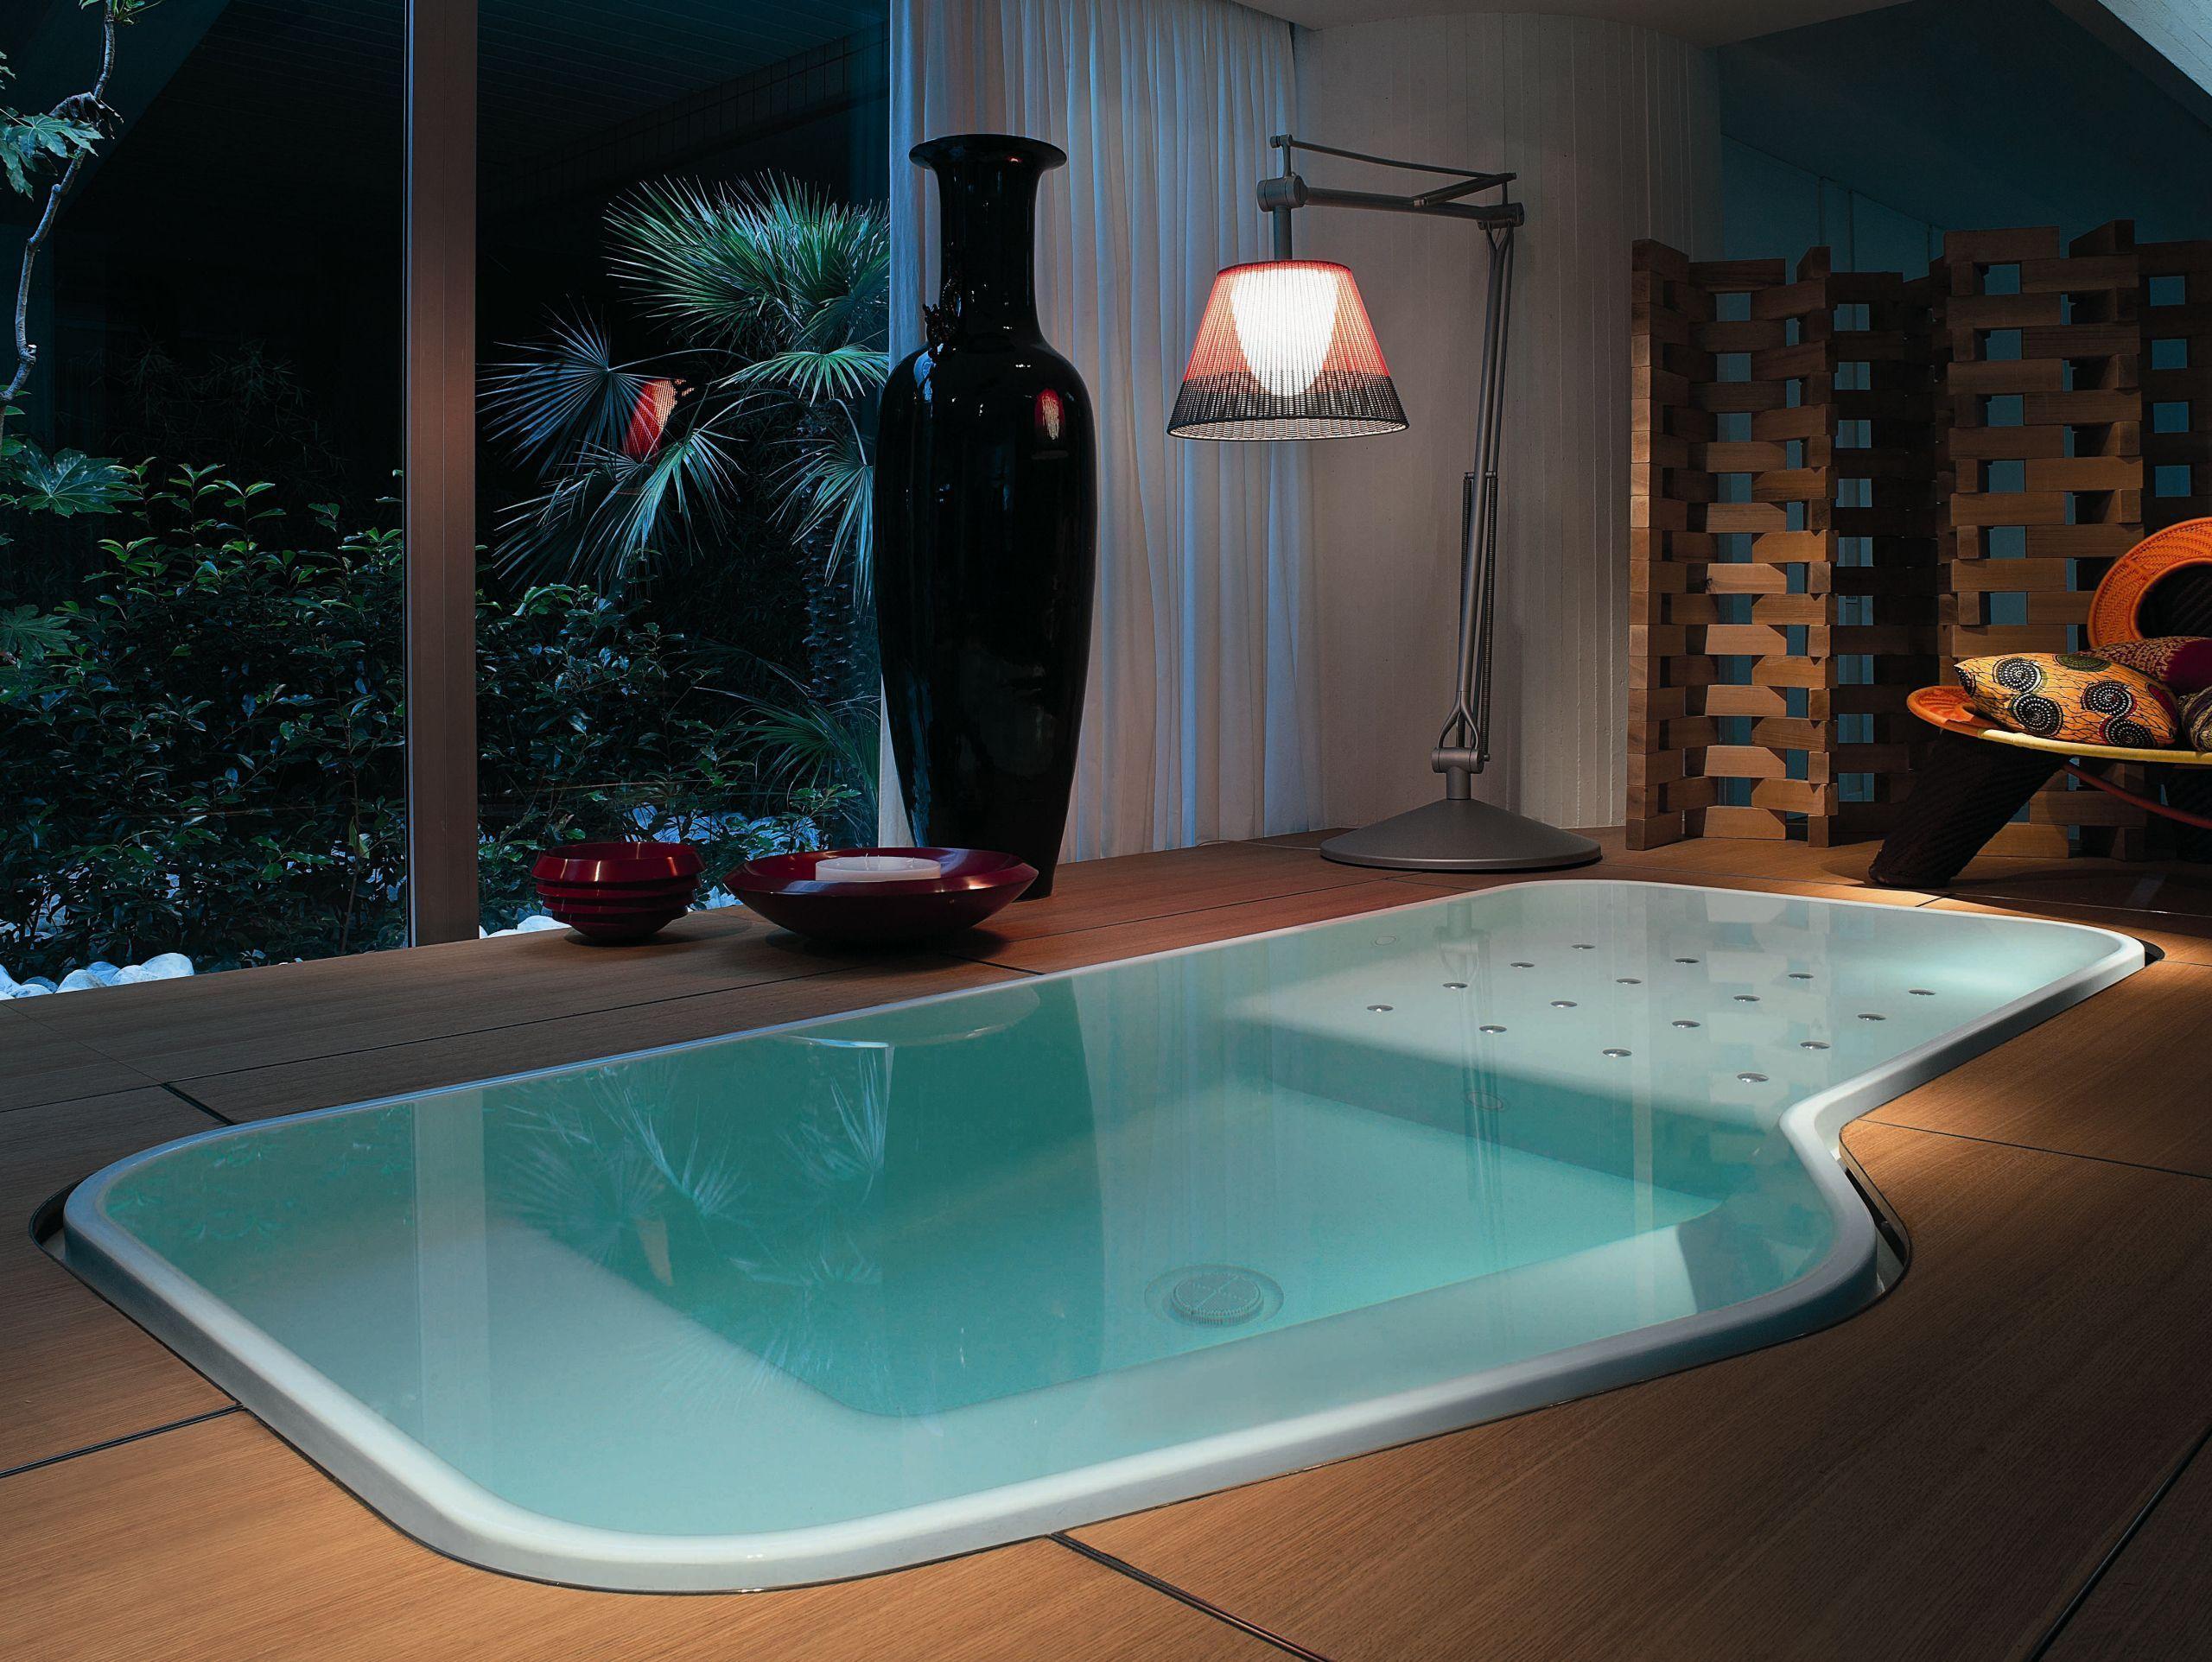 Faraway Indoor Outdoor Pool Spa By Kos Bathroom Ideas Bath House Home Indoor Design Decoration De Spa Bathroom Design Spa Style Bathroom Bathtub Design